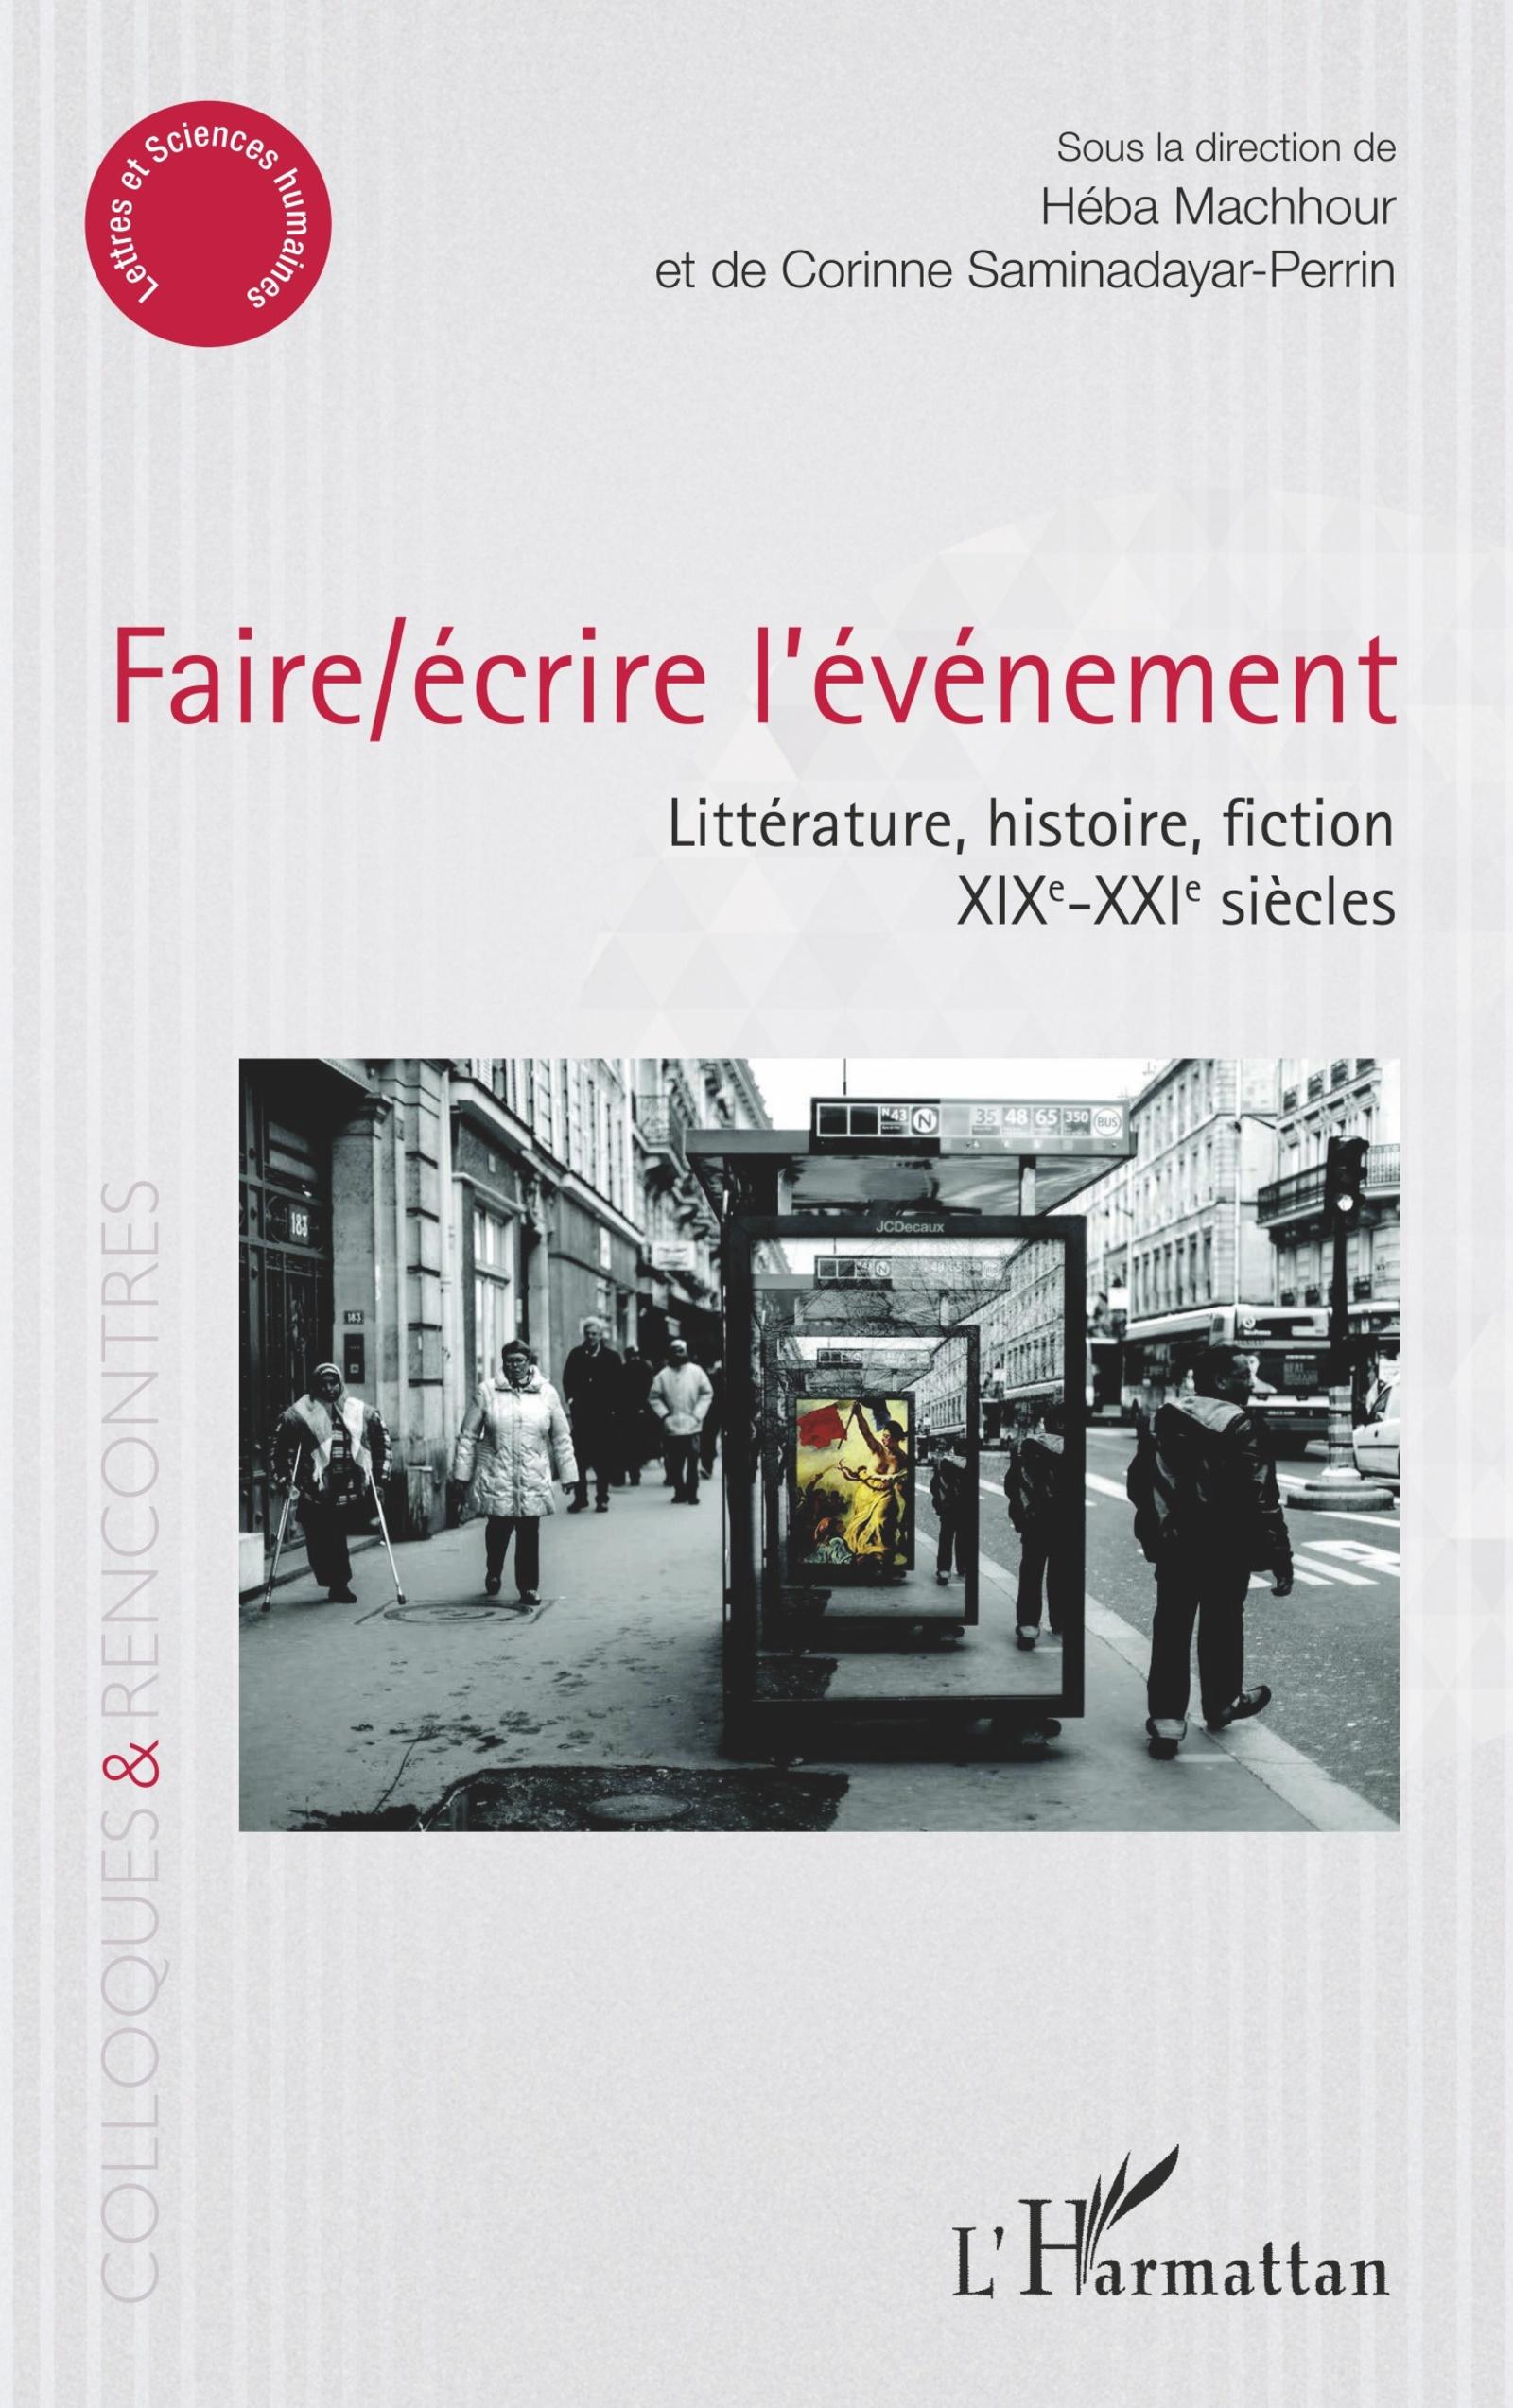 H. Machhour et C. Saminadayar-Perrin (dir.), Faire/écrire l'événement. Littérature, histoire, fiction XIXe-XXIe siècles